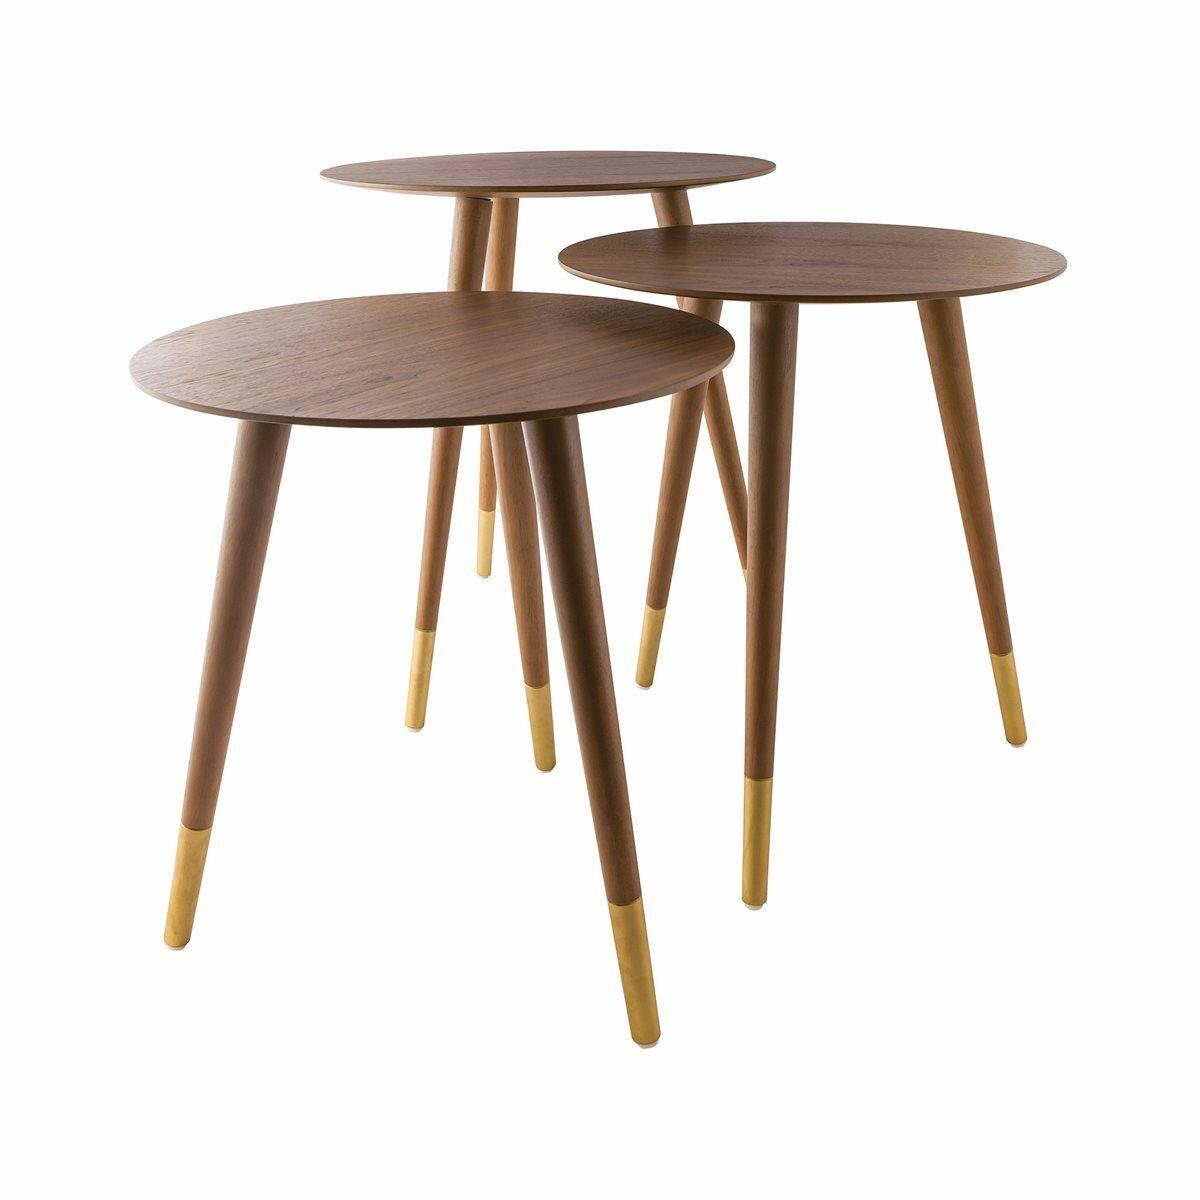 Corrigan Studio Giese 3 Legs End Table Set Wayfair